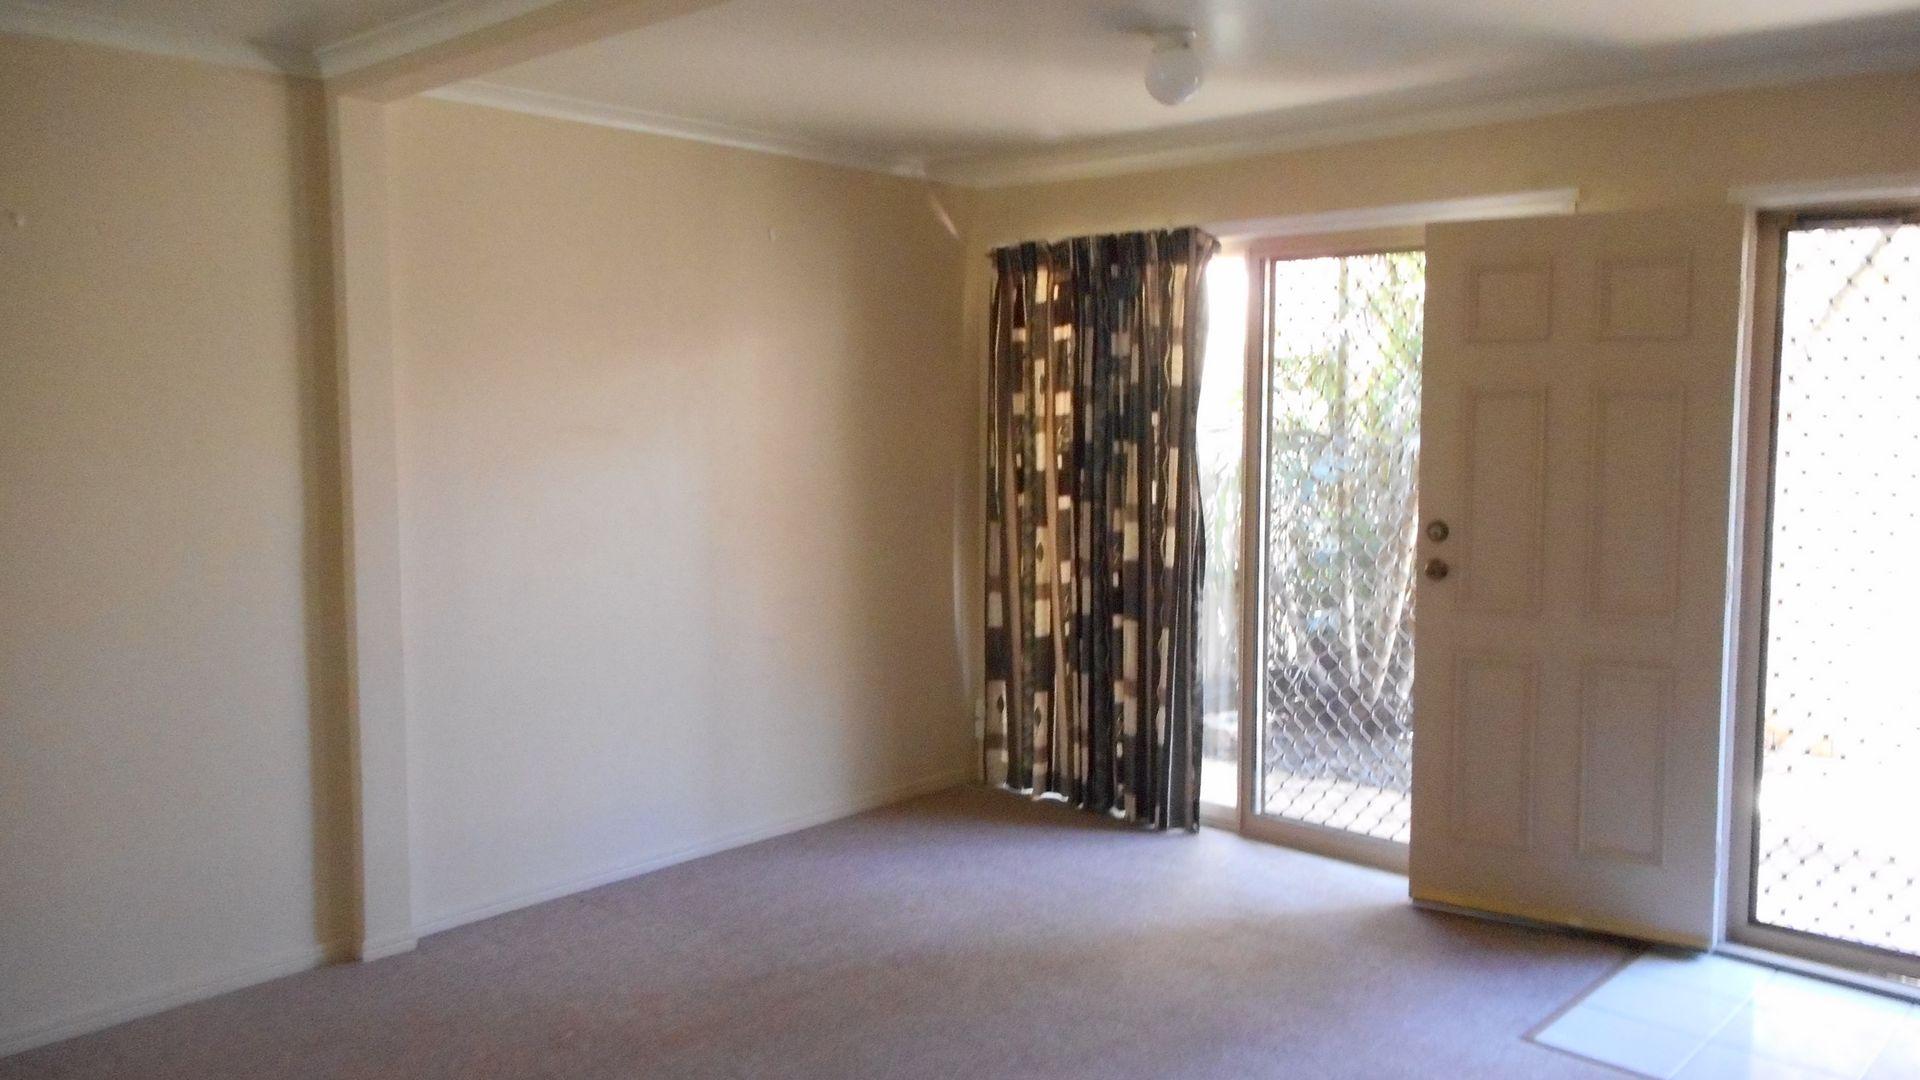 2/43 Maranda St, Shailer Park QLD 4128, Image 1